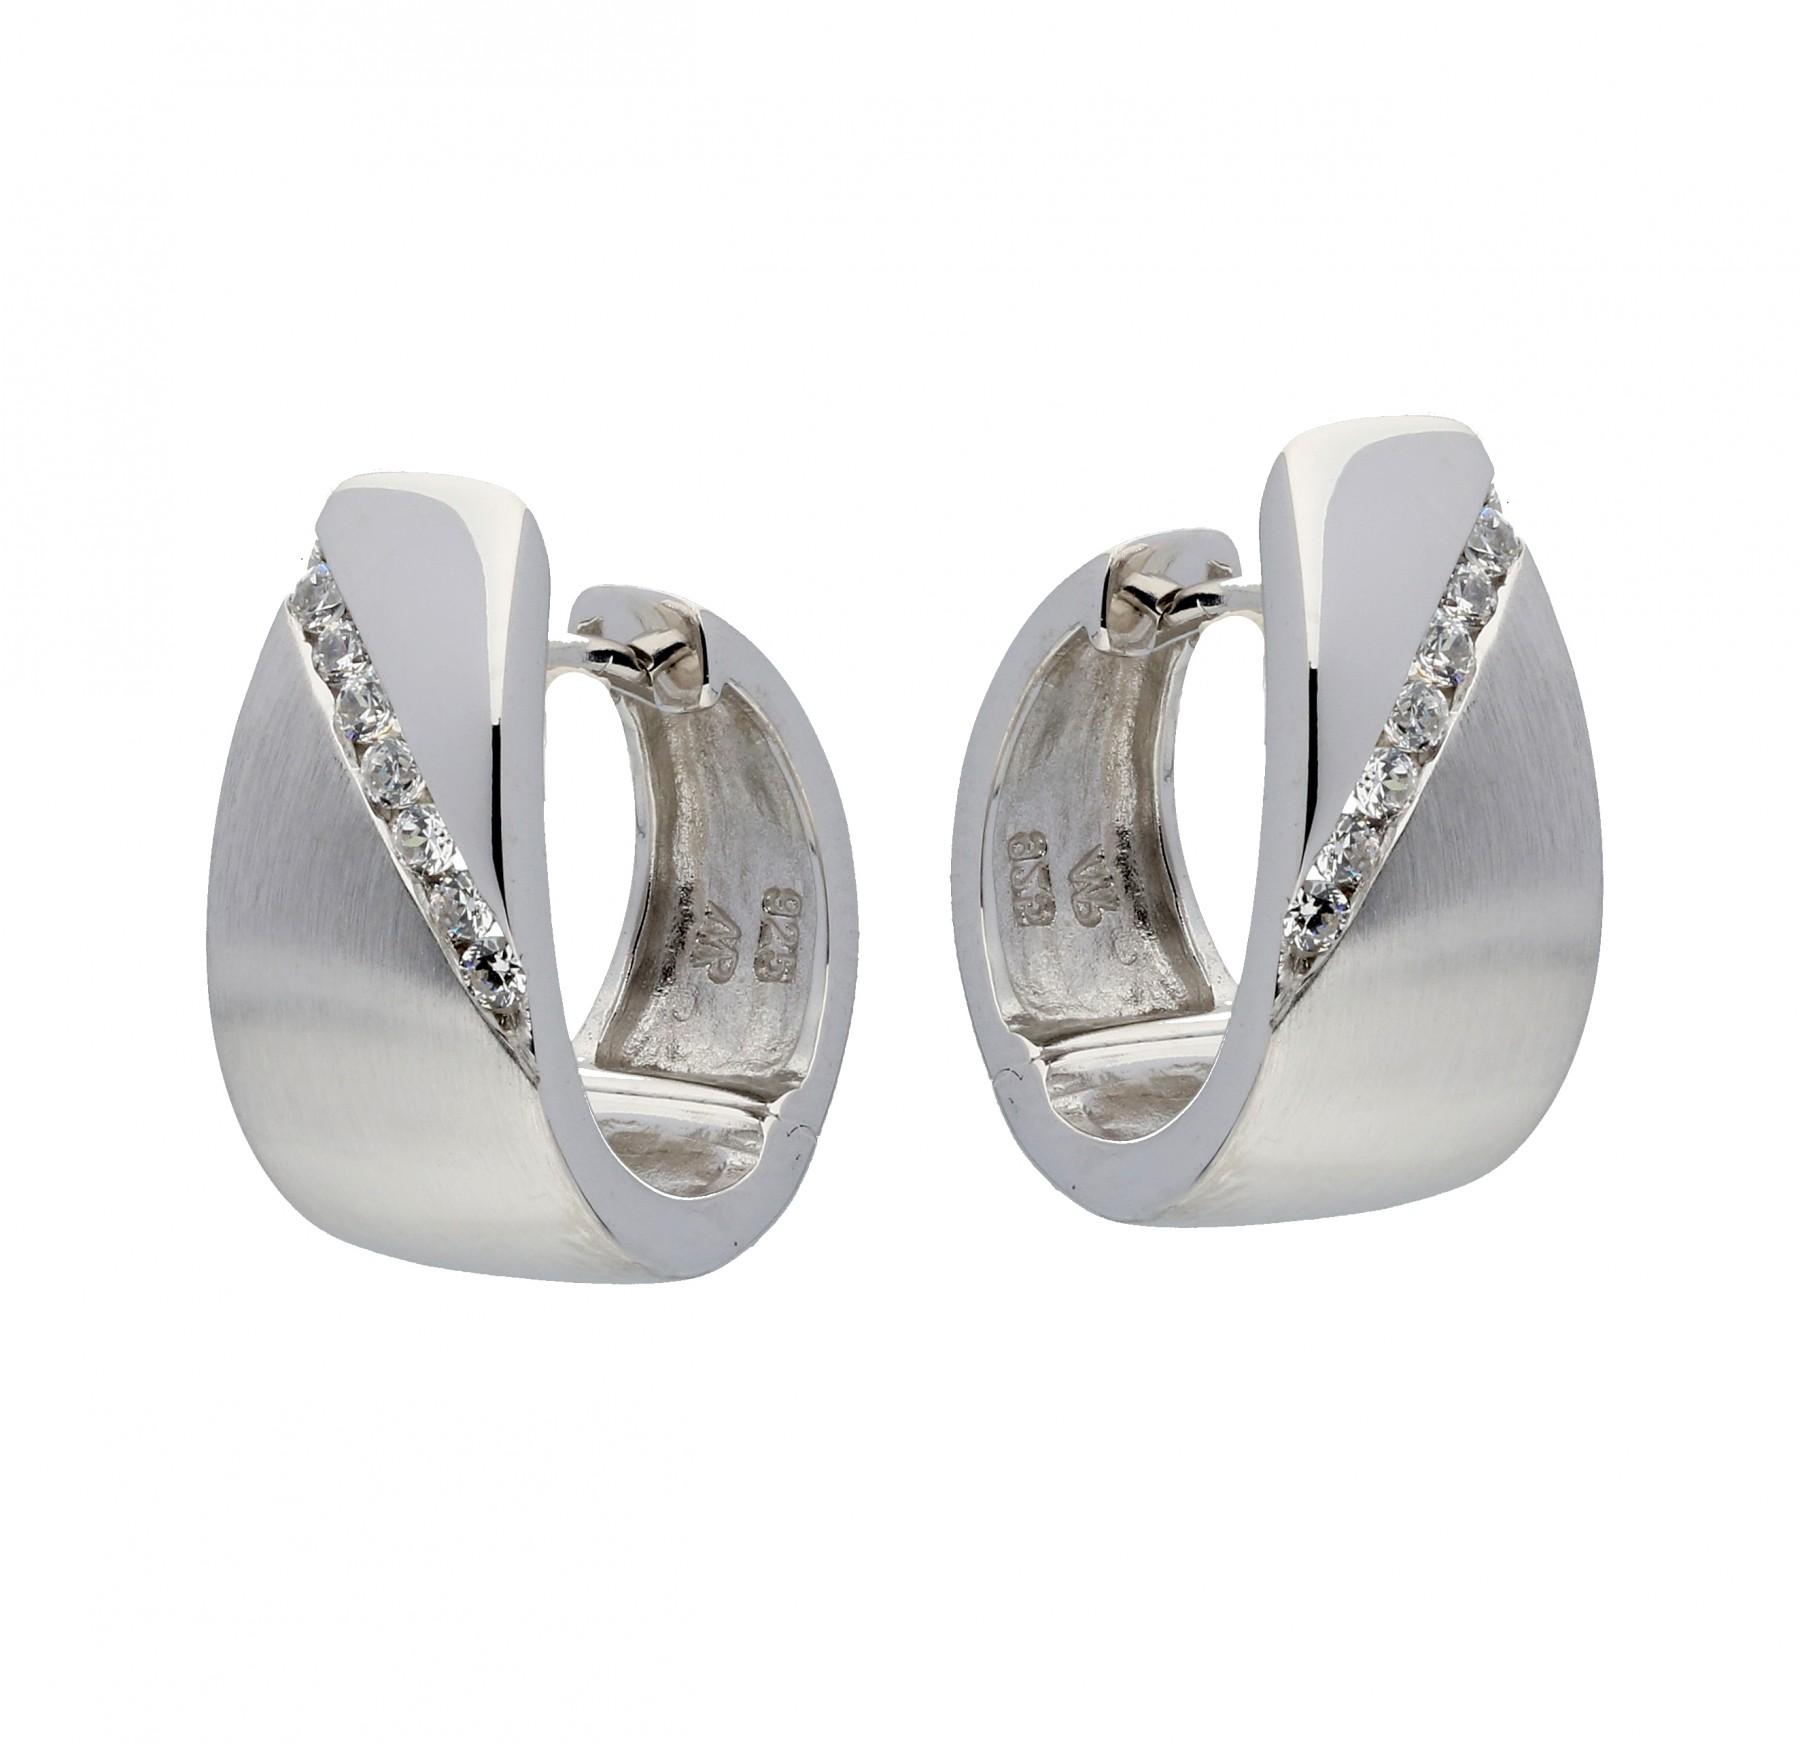 Zilveren klapcreolen -  met zirkonia - gerodineerd 107.6210.00